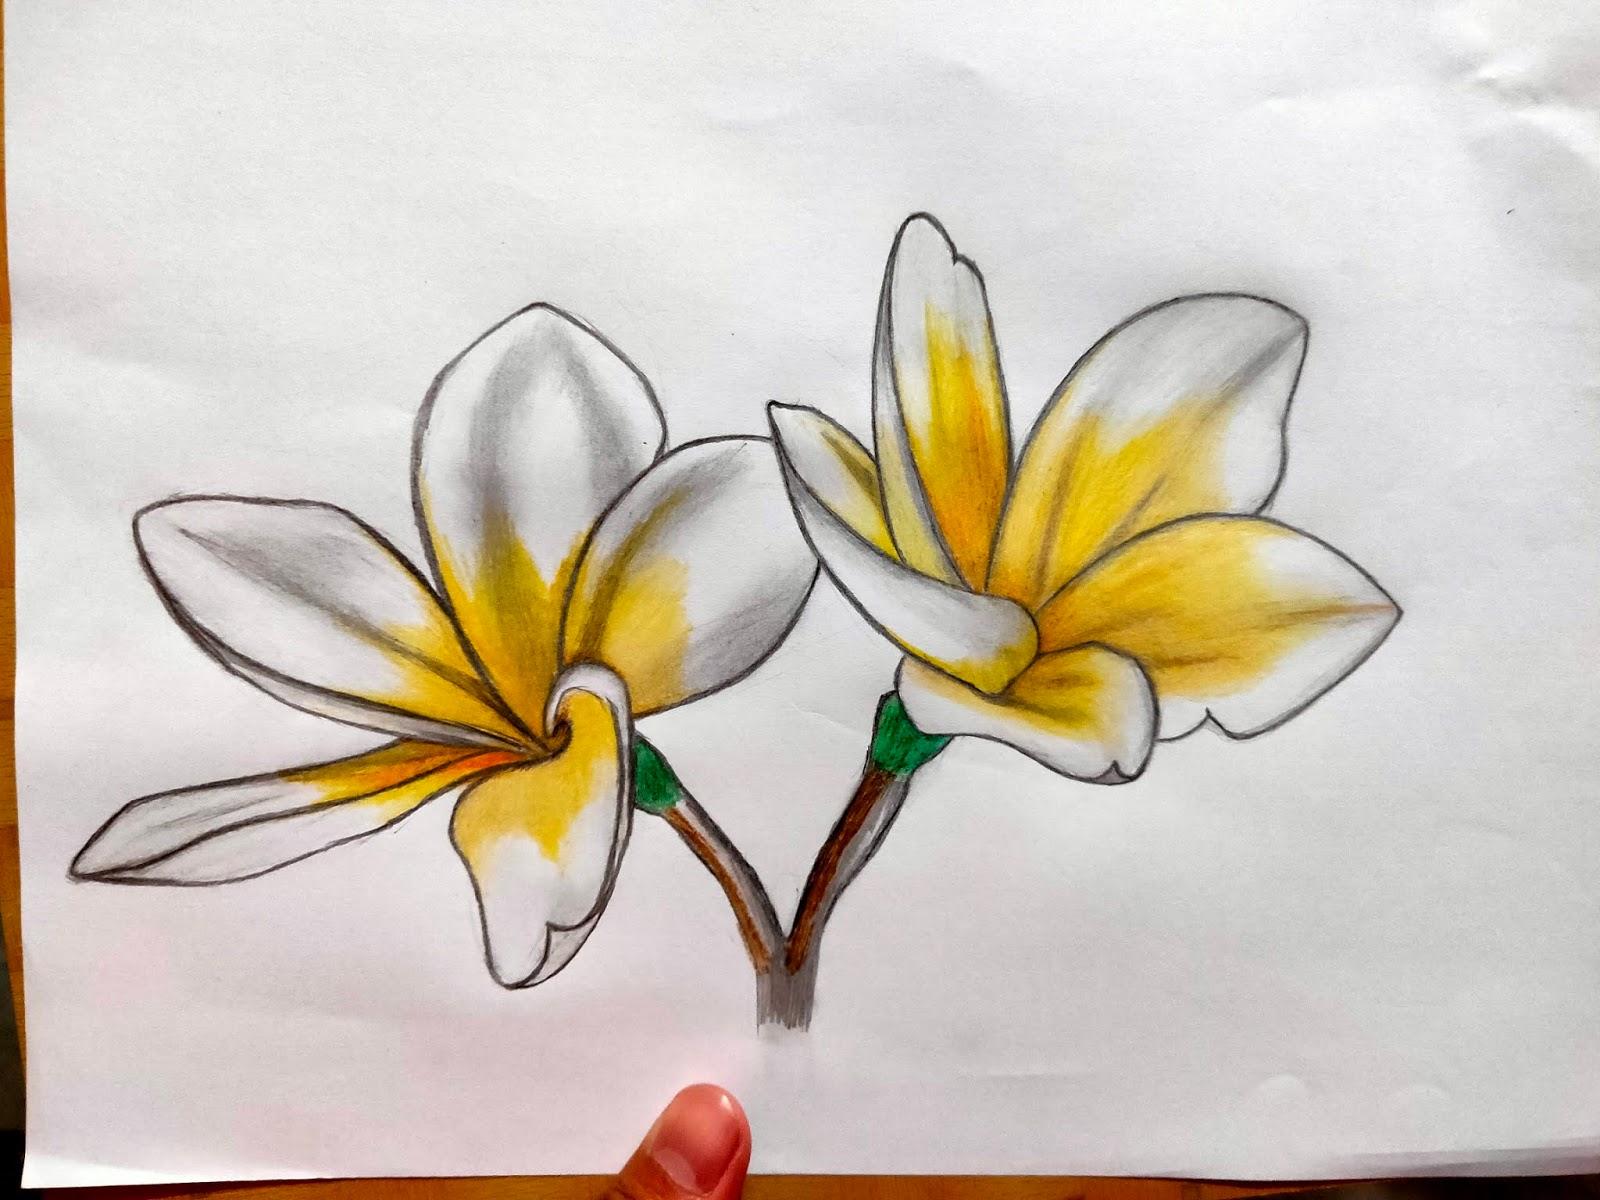 6 Langkah Mudah Menggambar Bunga Kamboja Jafarull